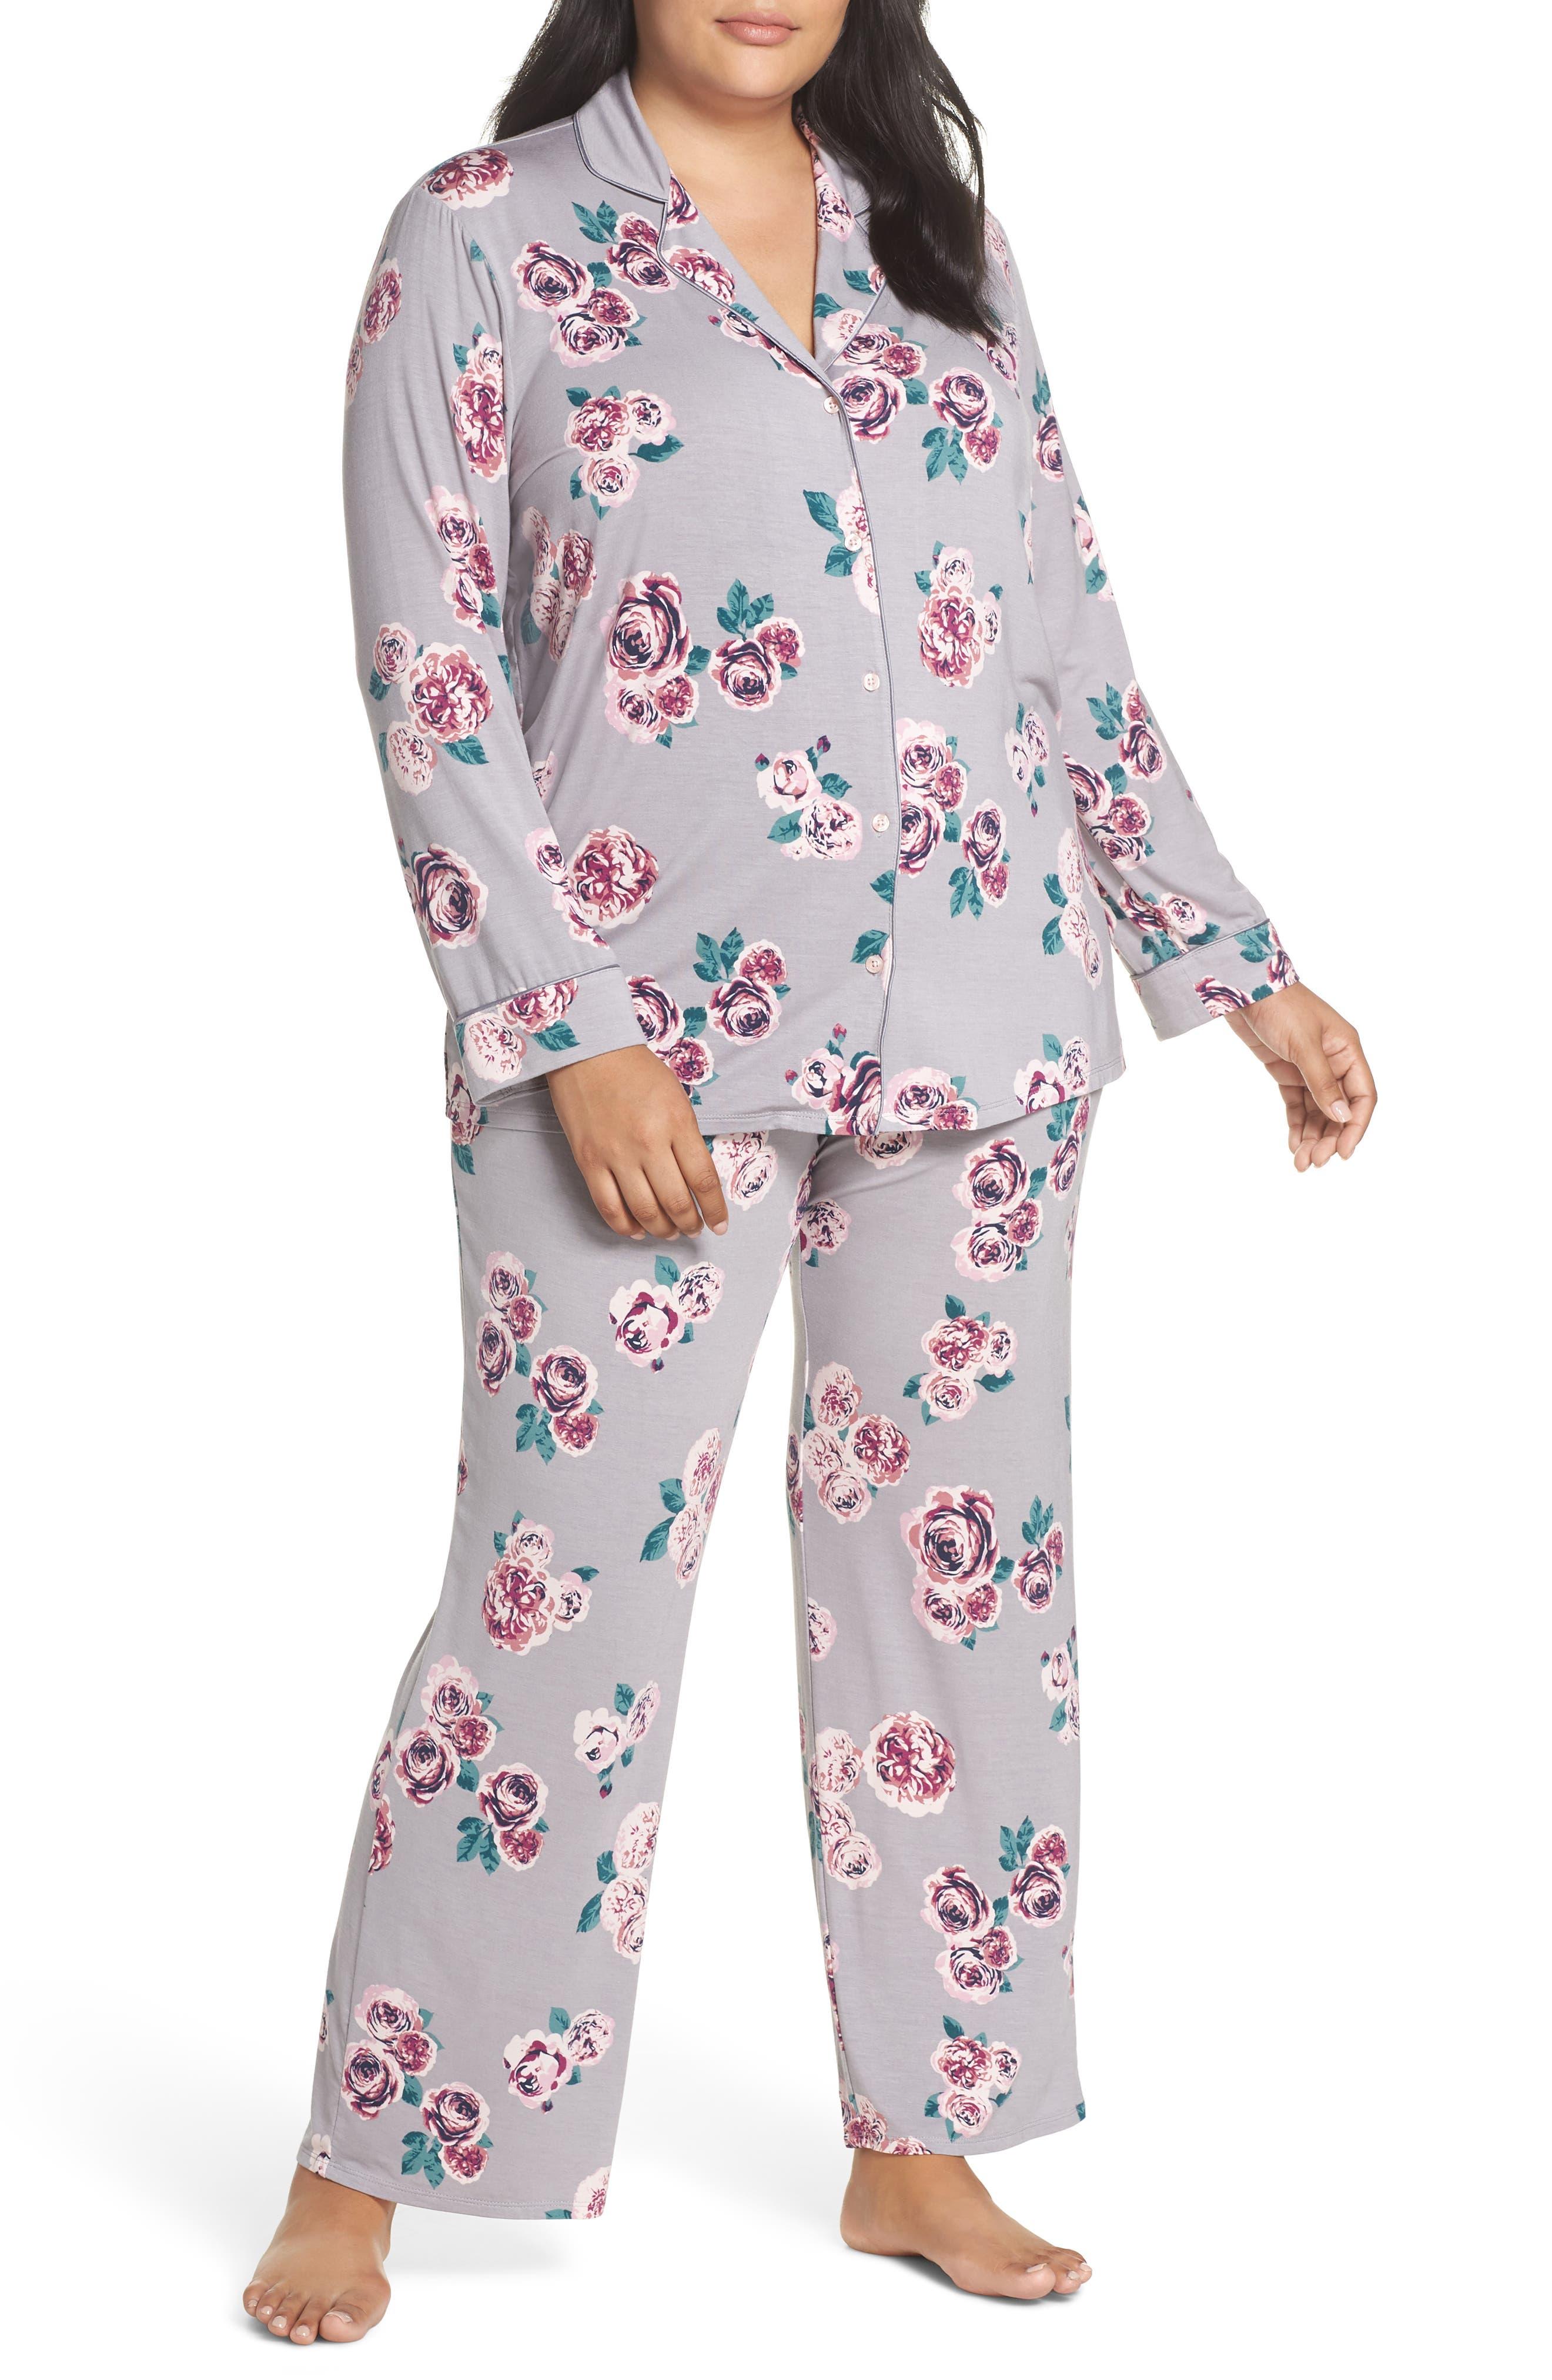 'Moonlight' Pajamas,                             Main thumbnail 1, color,                             GREY GULL HOLIDAY ROSE